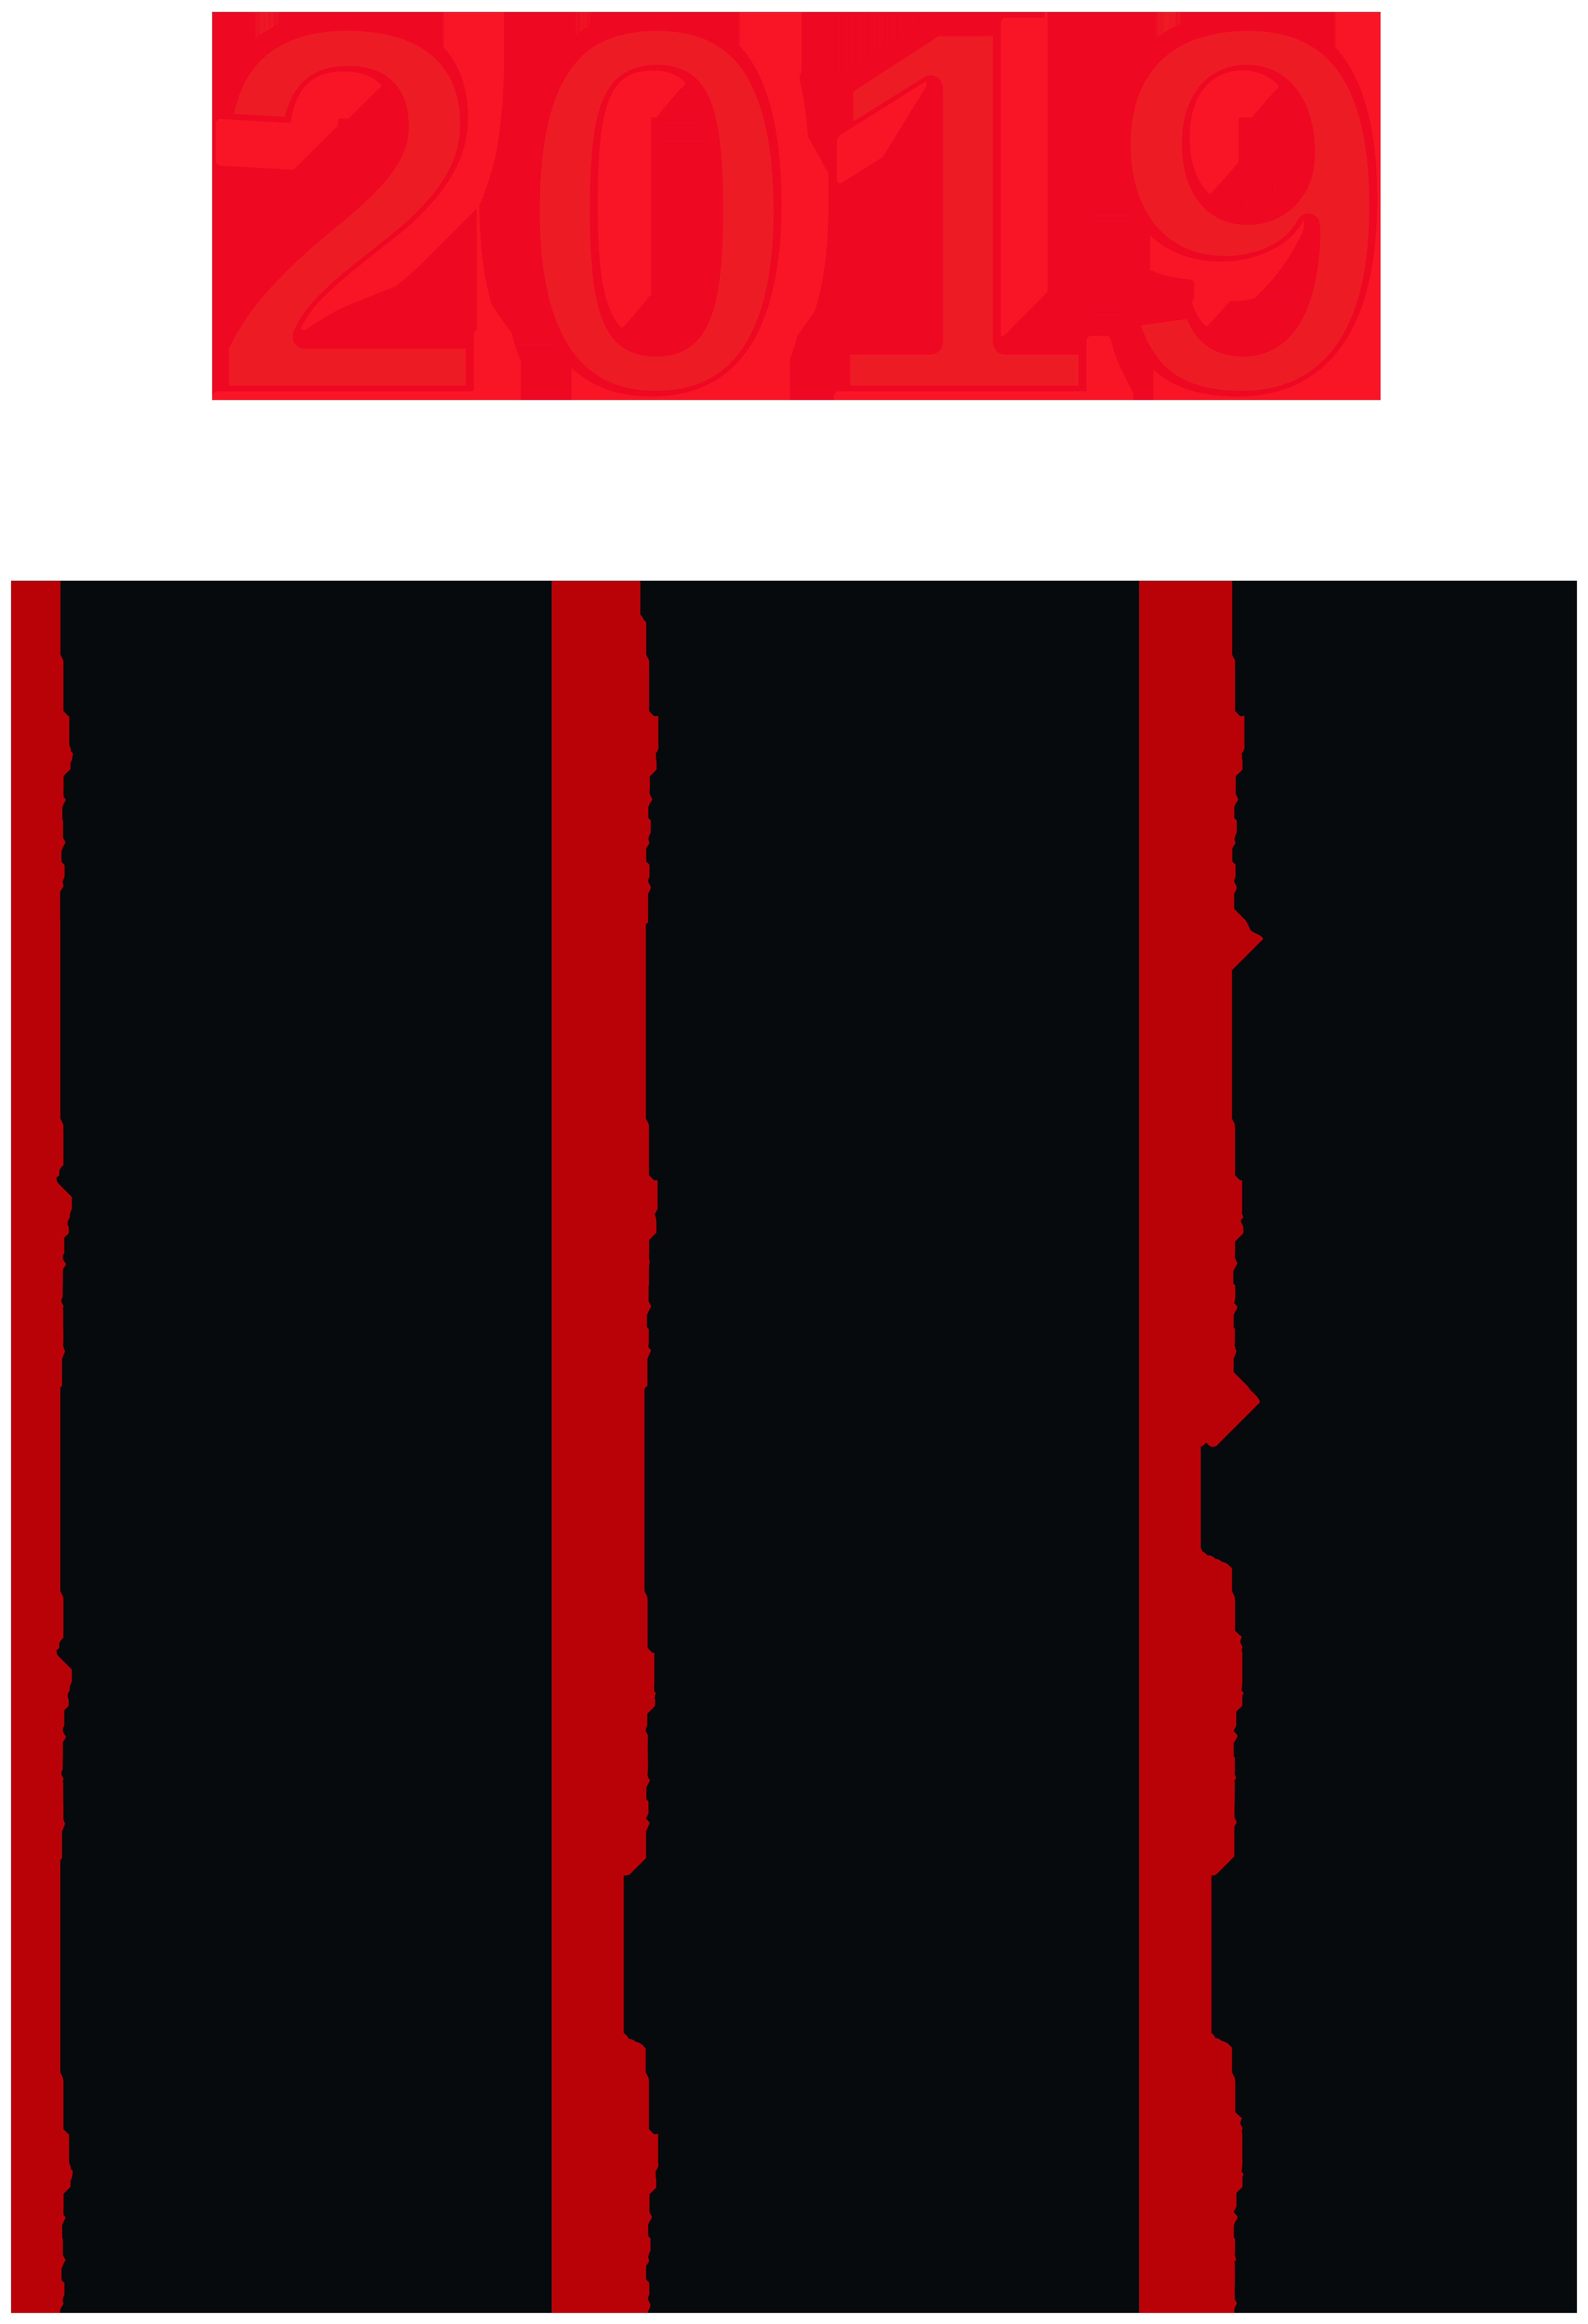 Transparent 2019 Calendar PNG Image.